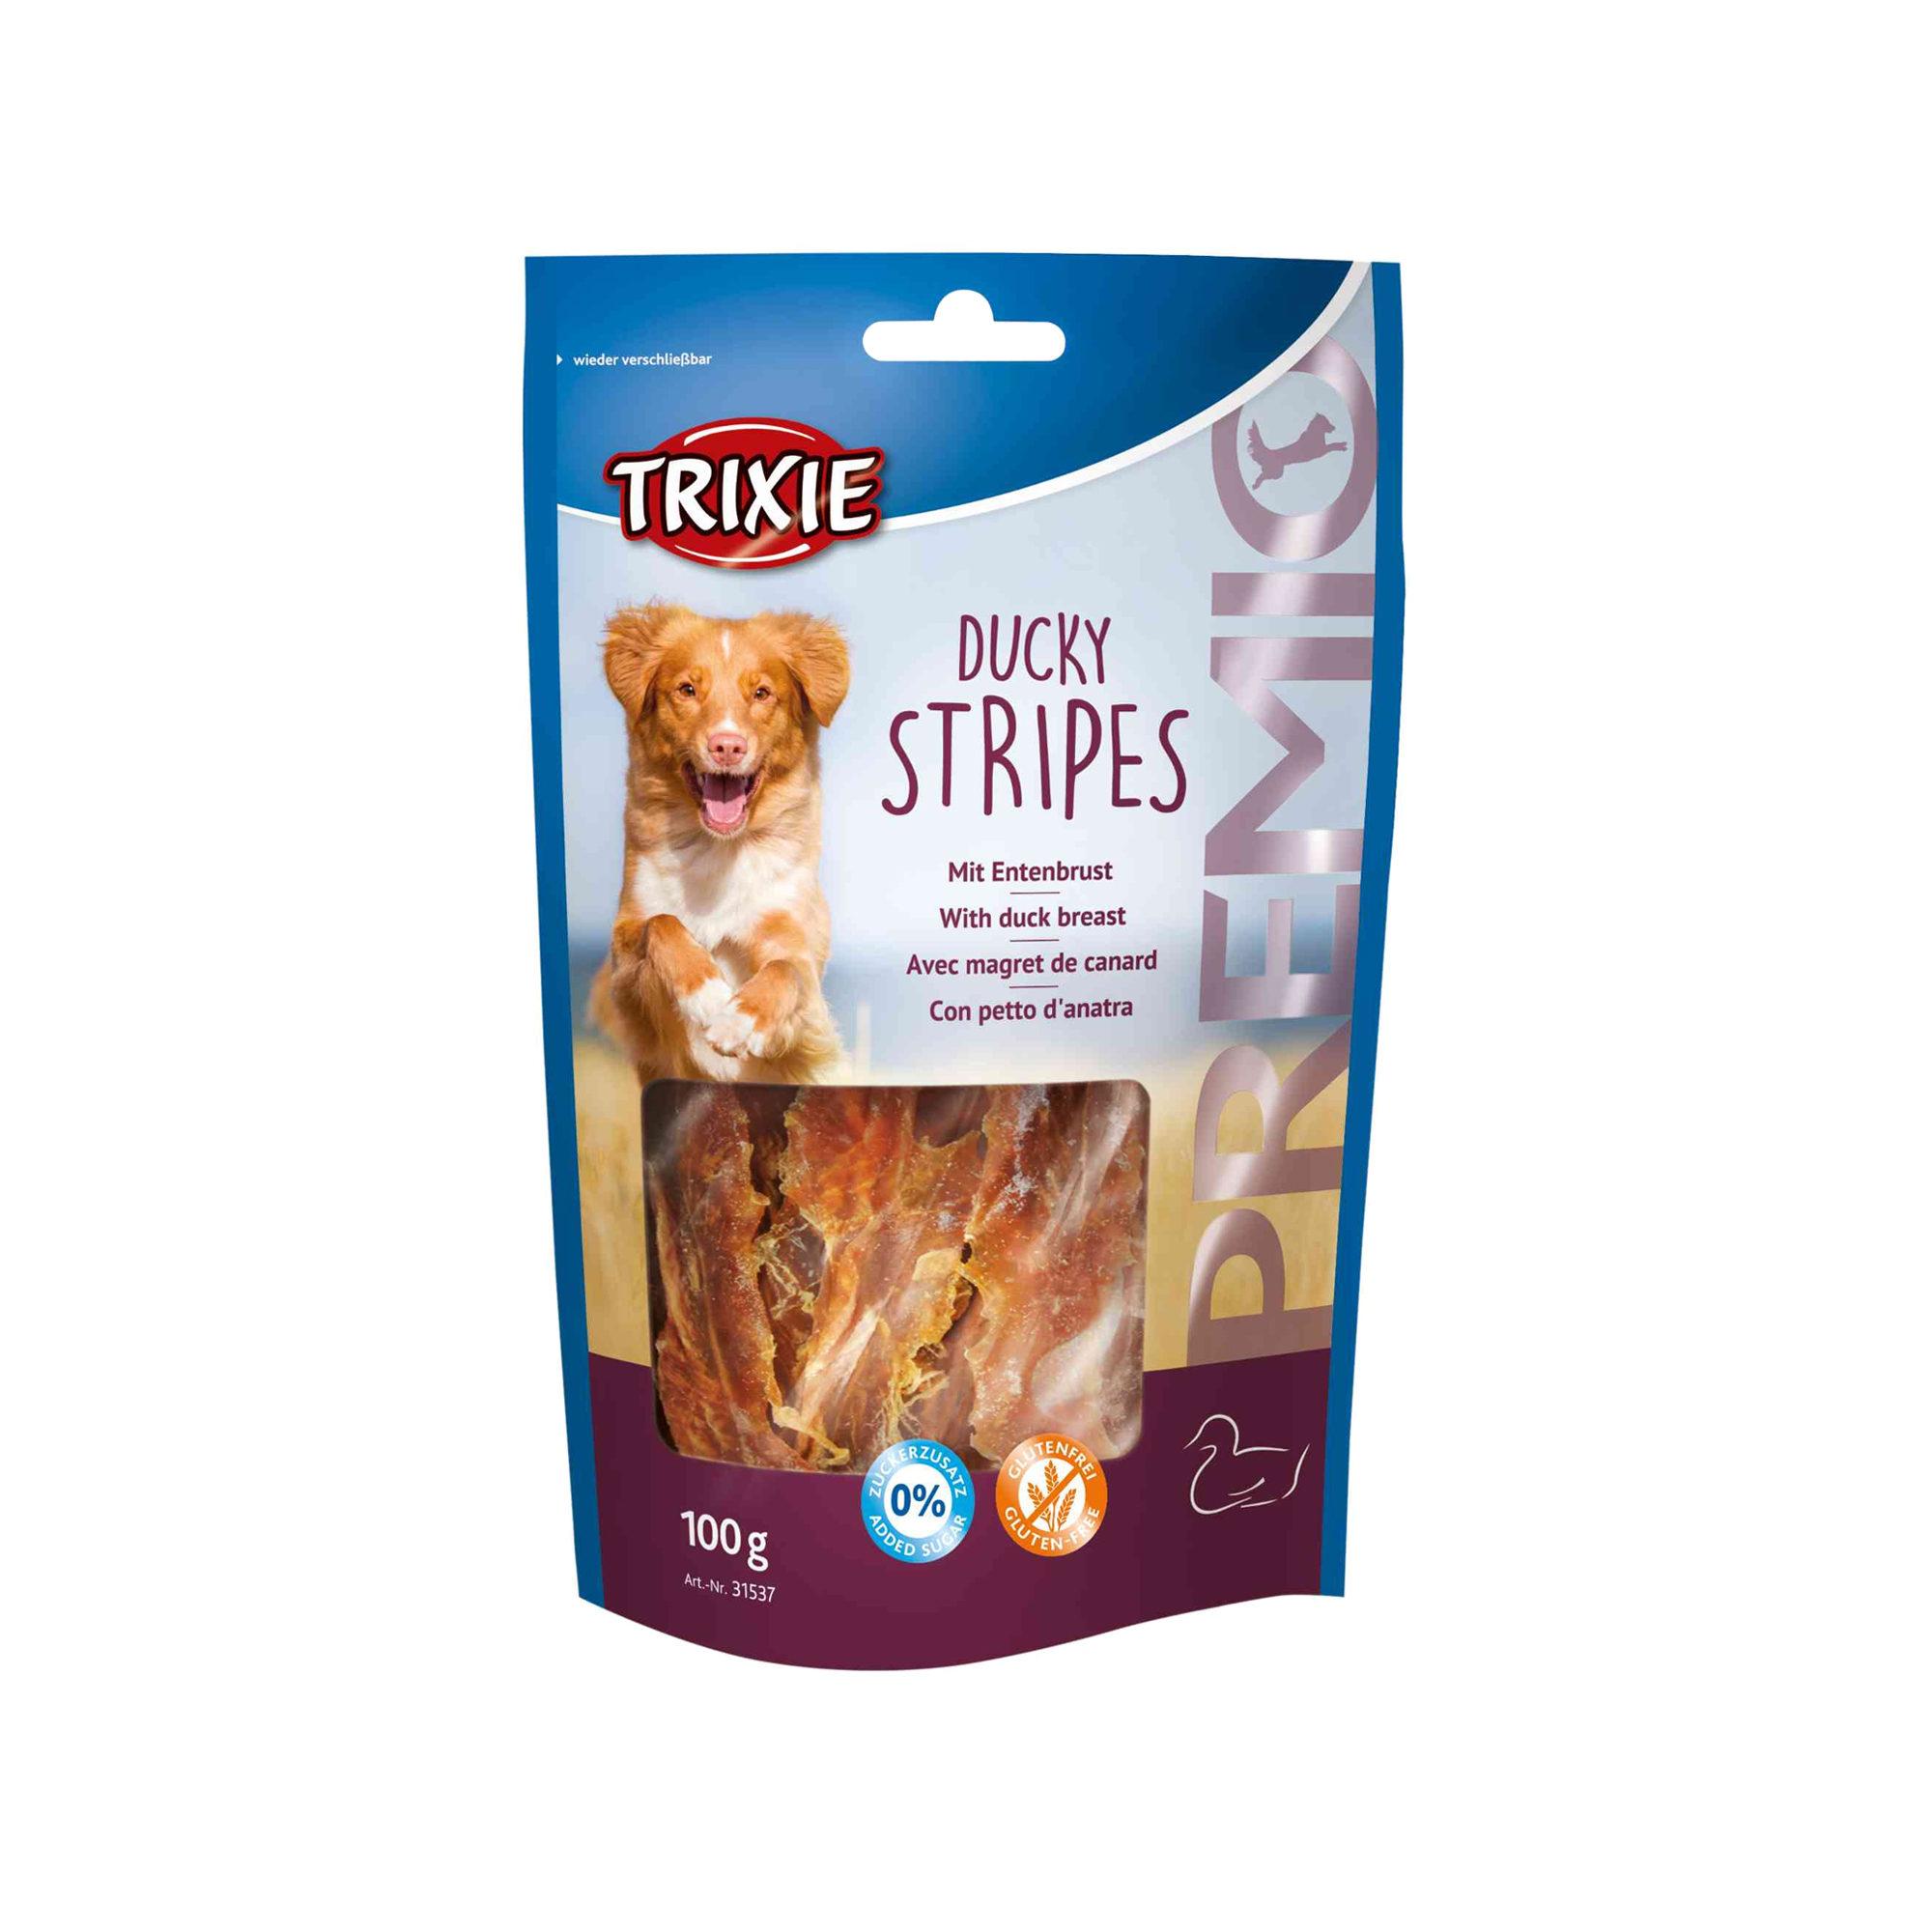 Trixie Premio - Ducky Stripes